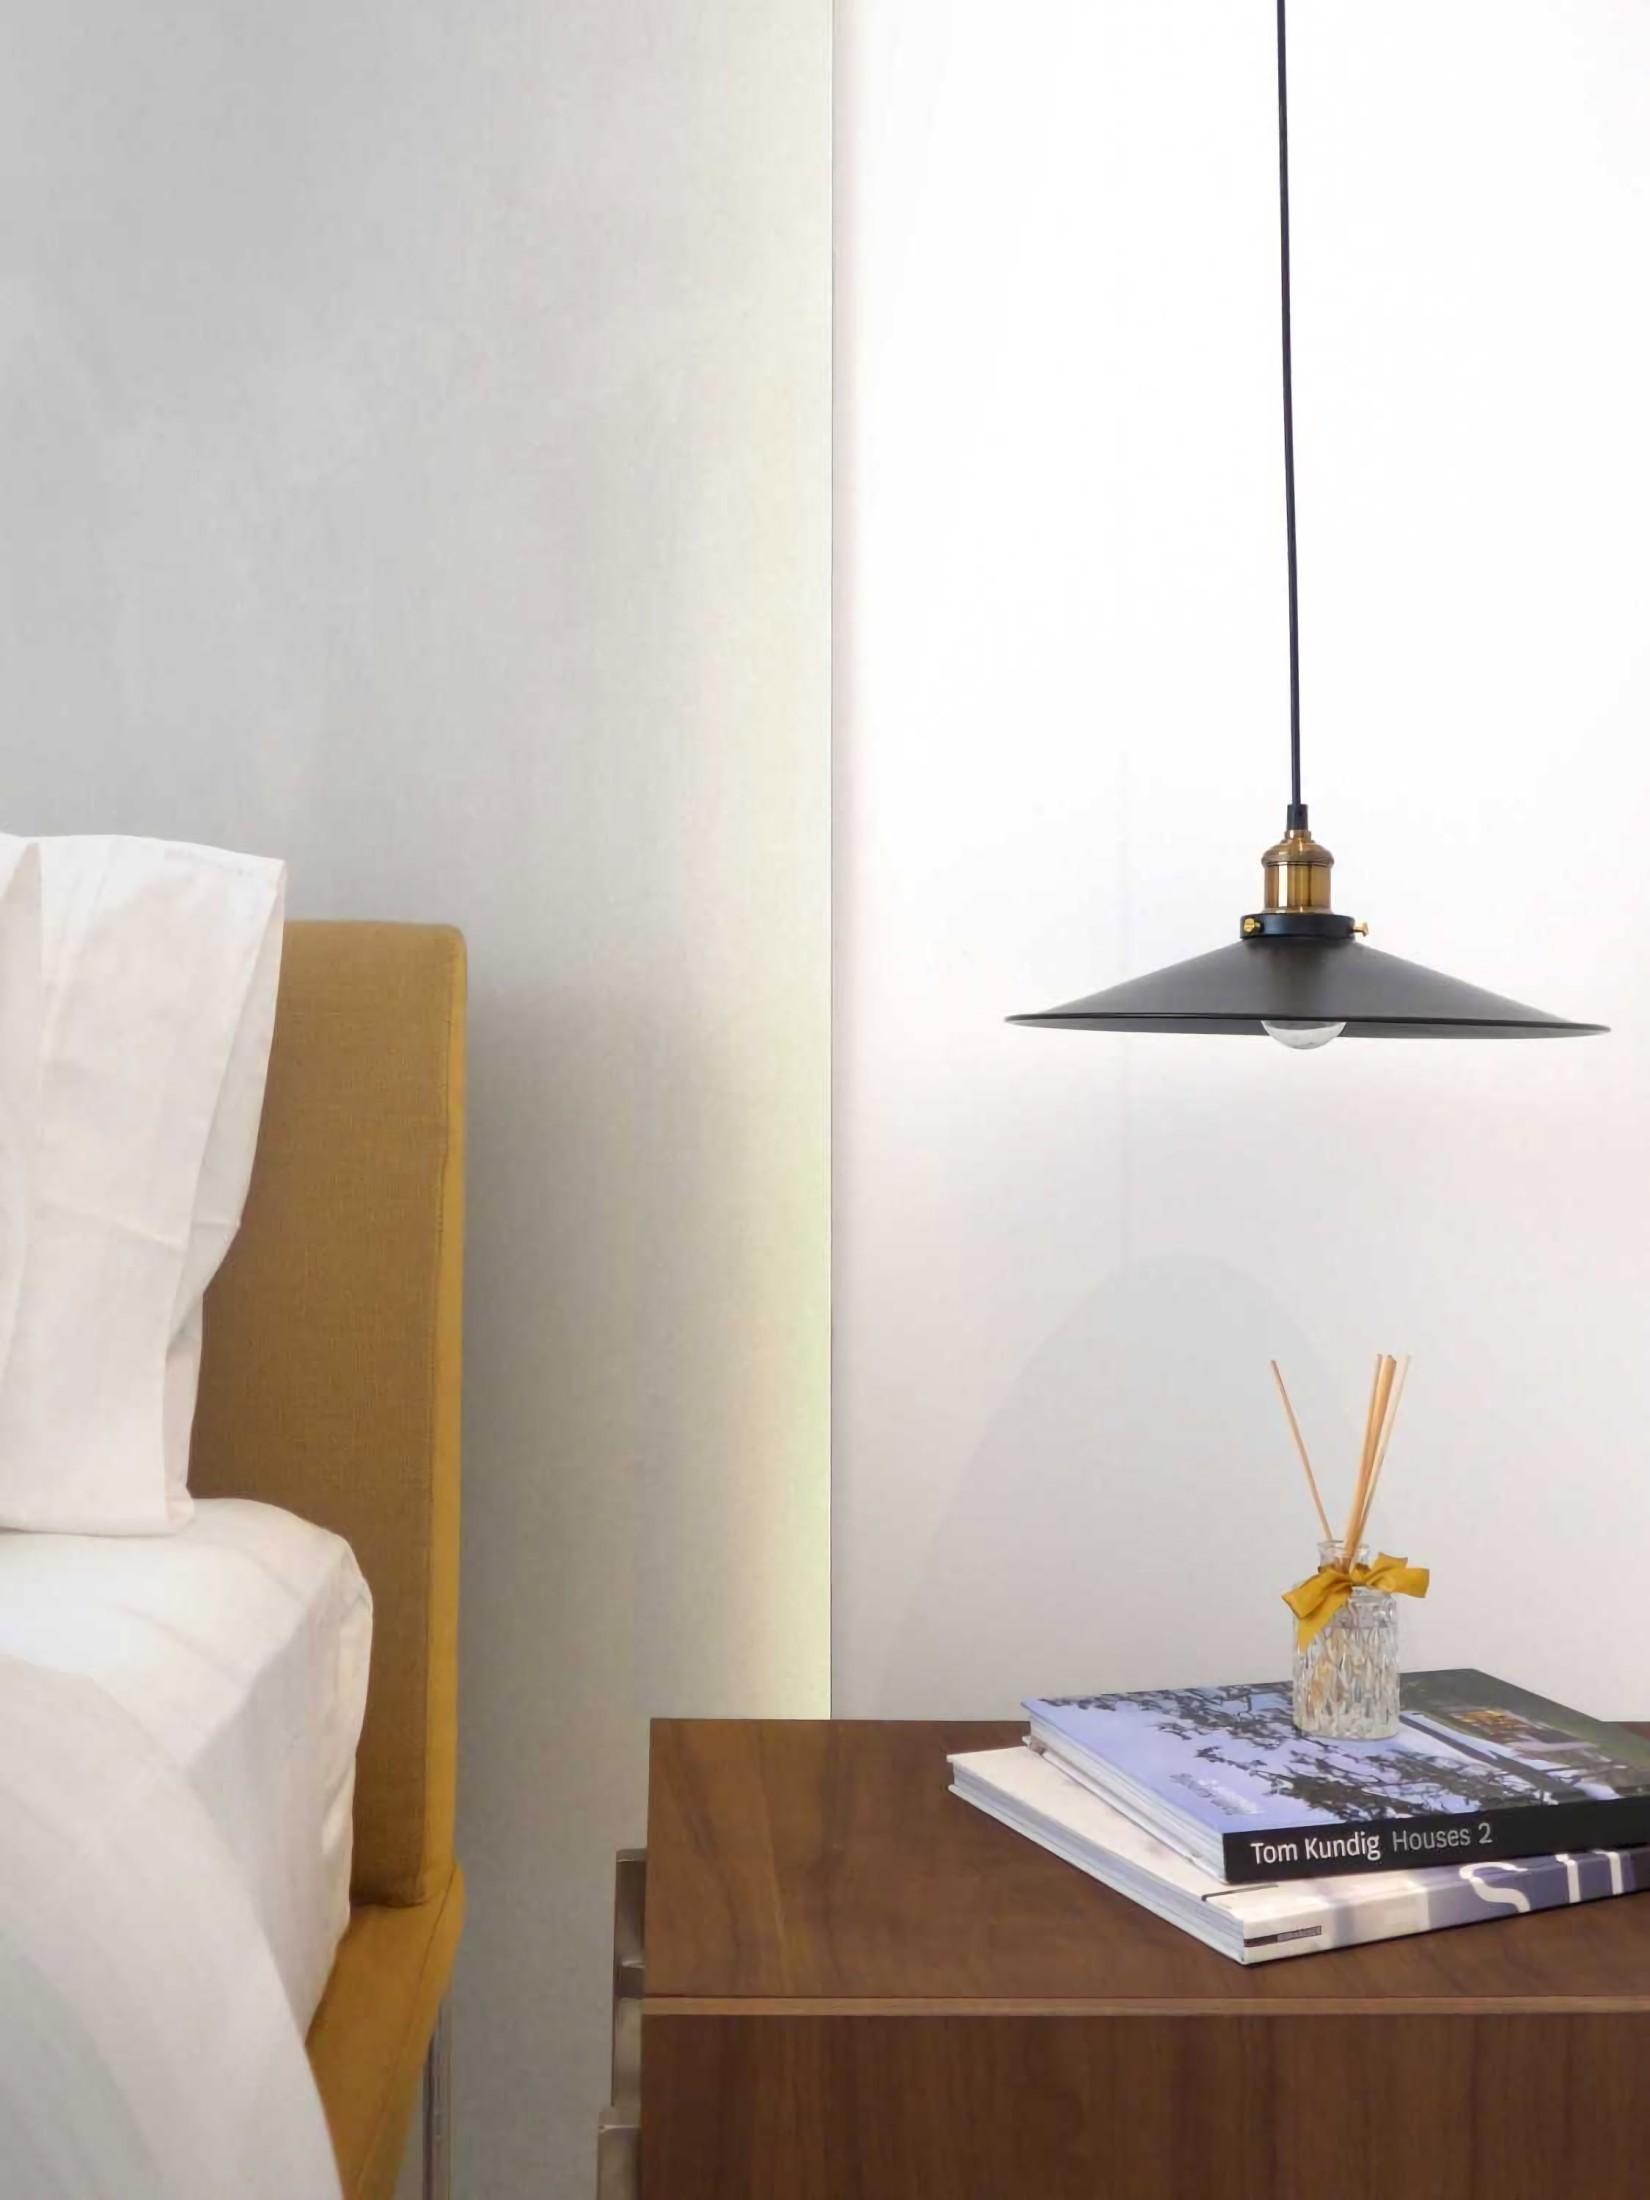 Desain yang baik bukan desain yang mementingkan estetika semata. Apalagi, sebuah desain interior minimalis harus memiliki tujuan desain yang jelas dan fungsional. Eksekusi desain yang super simpel dengan sejuta makna dan ide cerdik di baliknya, menjadikan sebuah desain interior minimalis yang elegan.